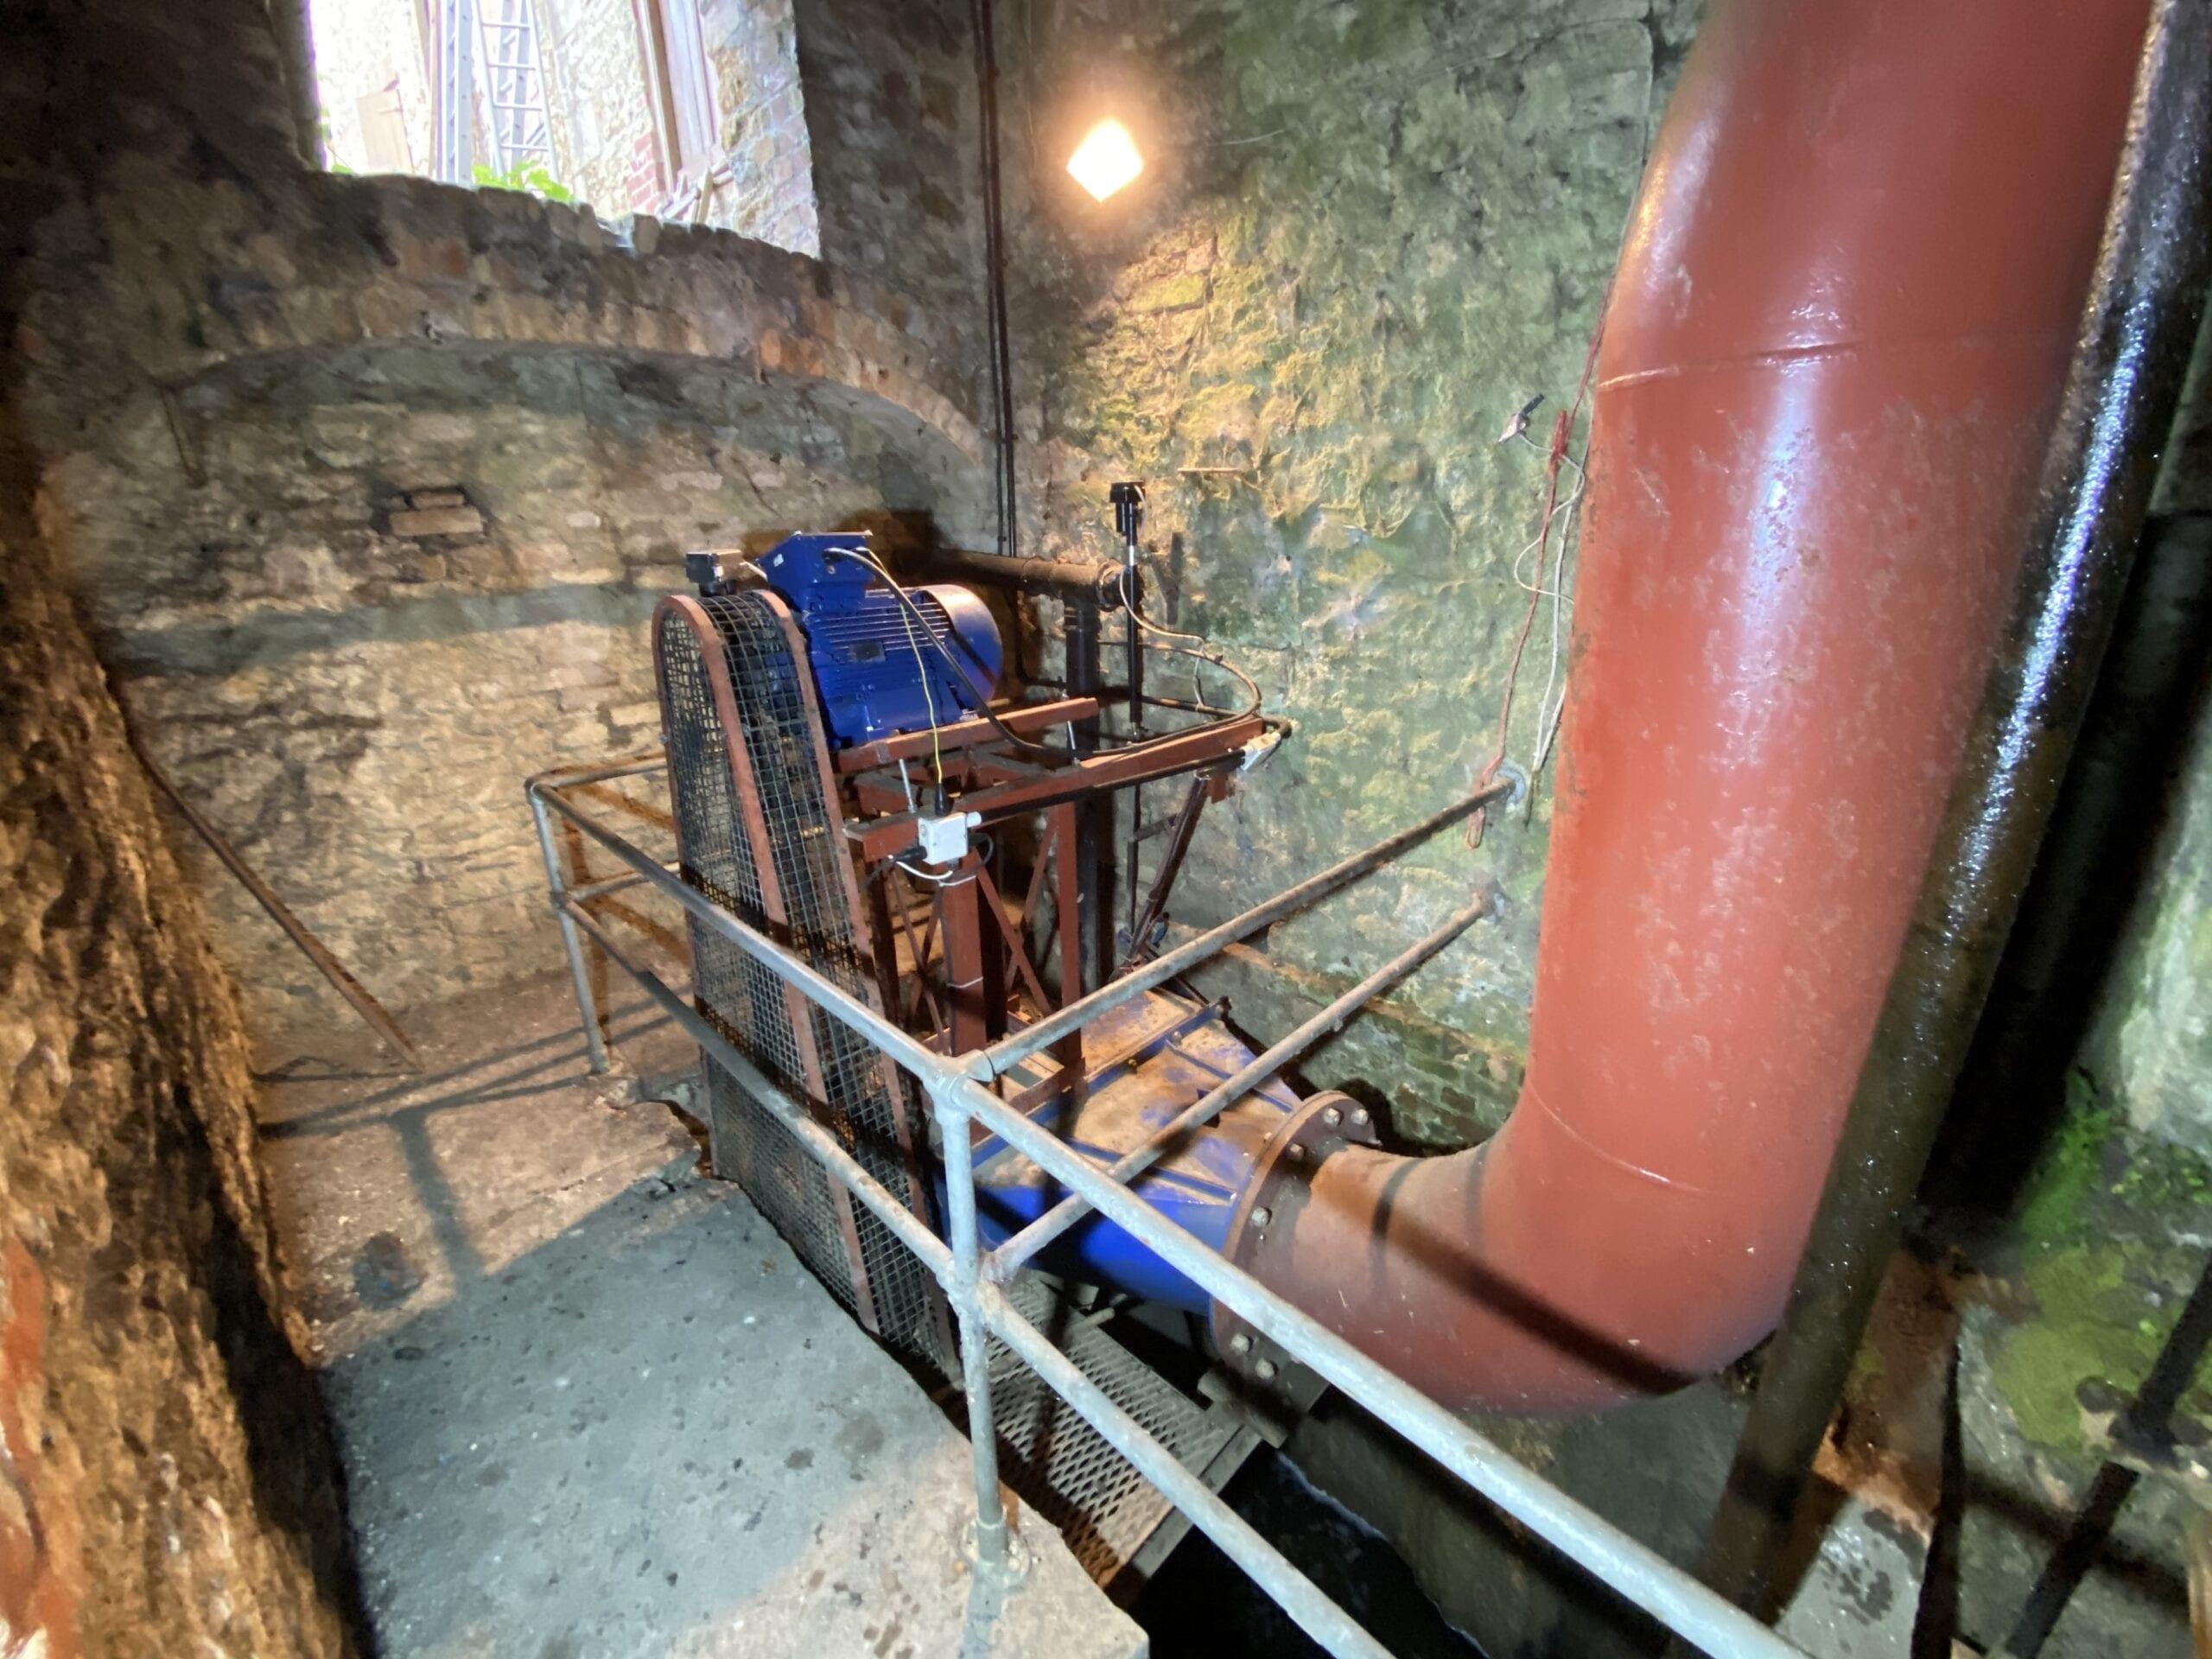 hydro maintenance